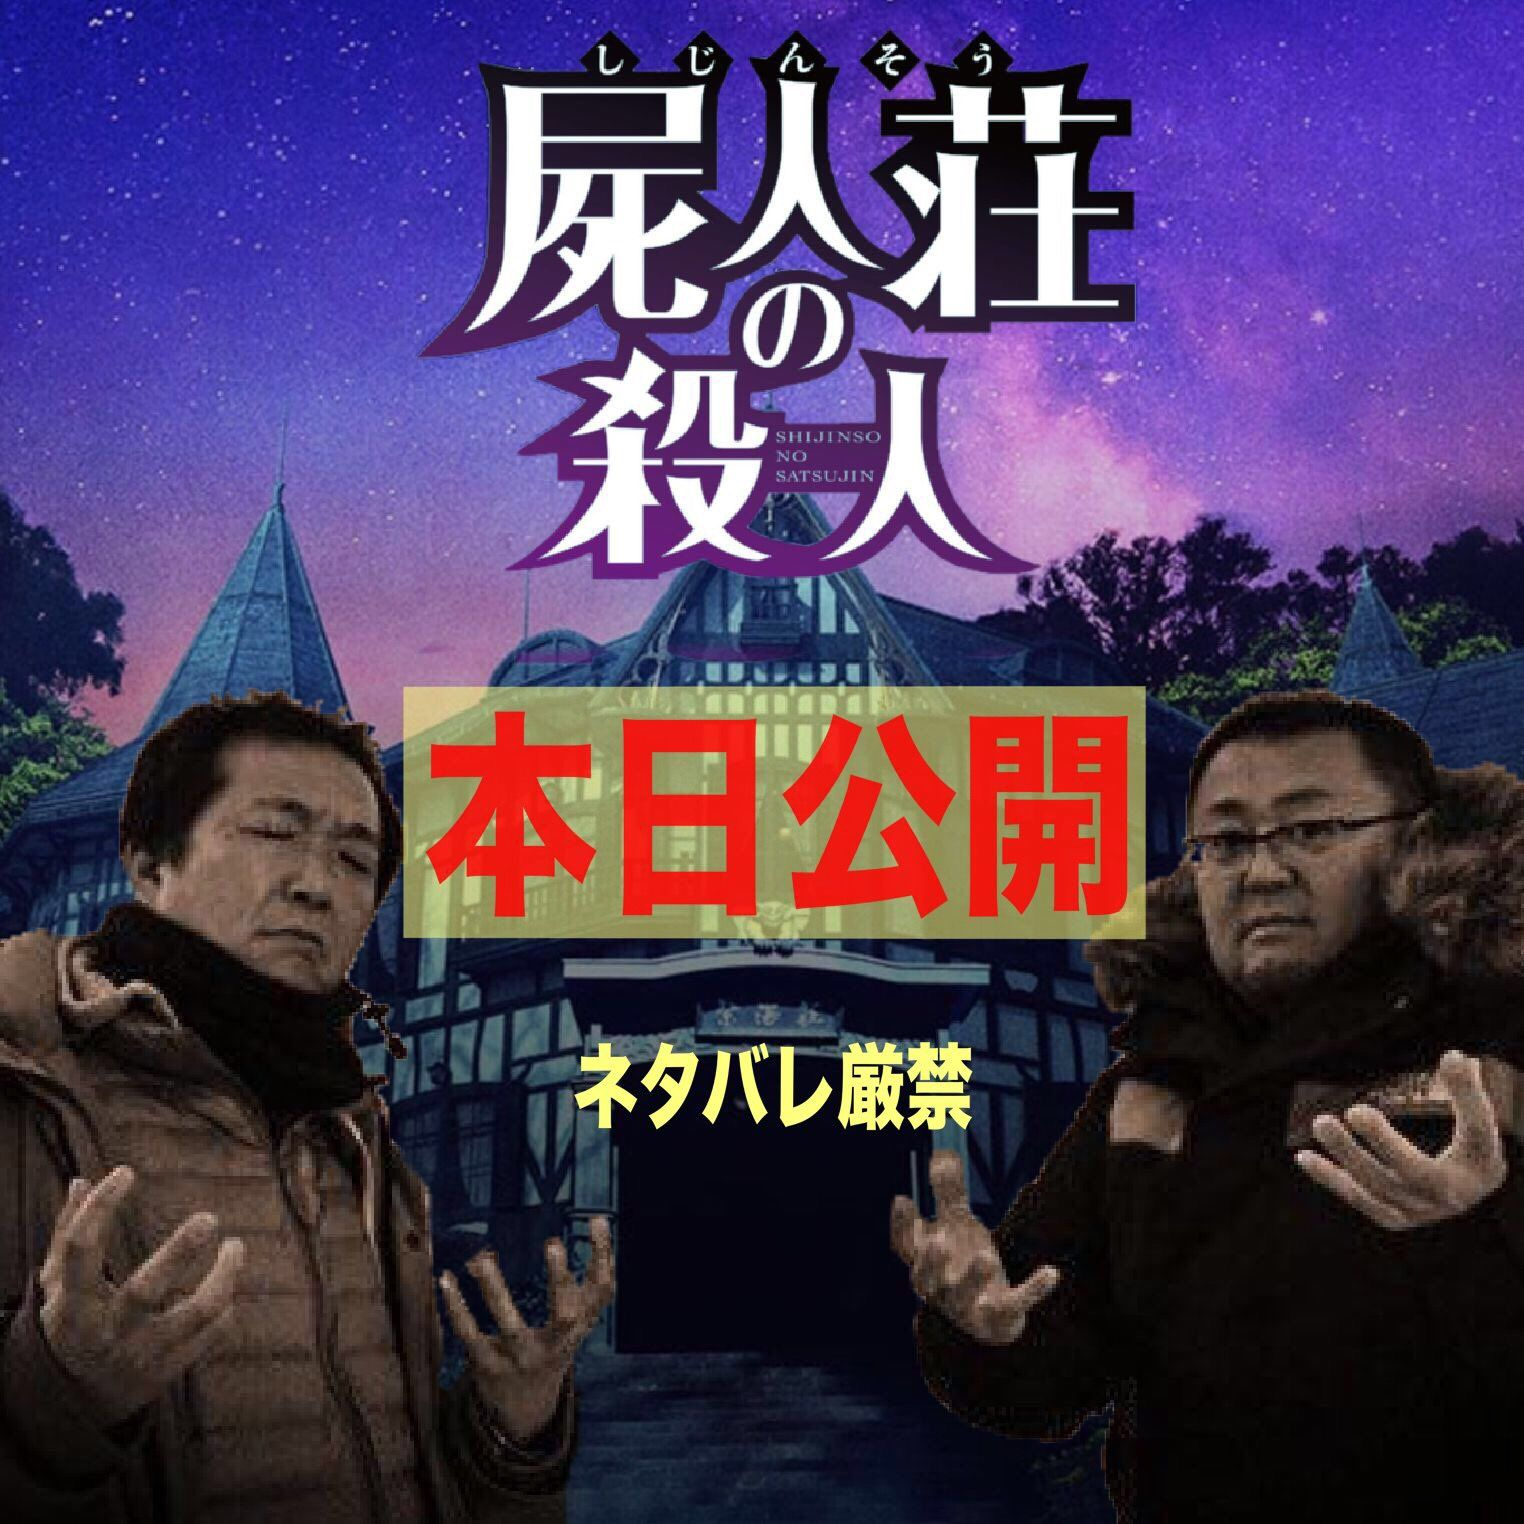 木村(^^)ひさし on Twitter